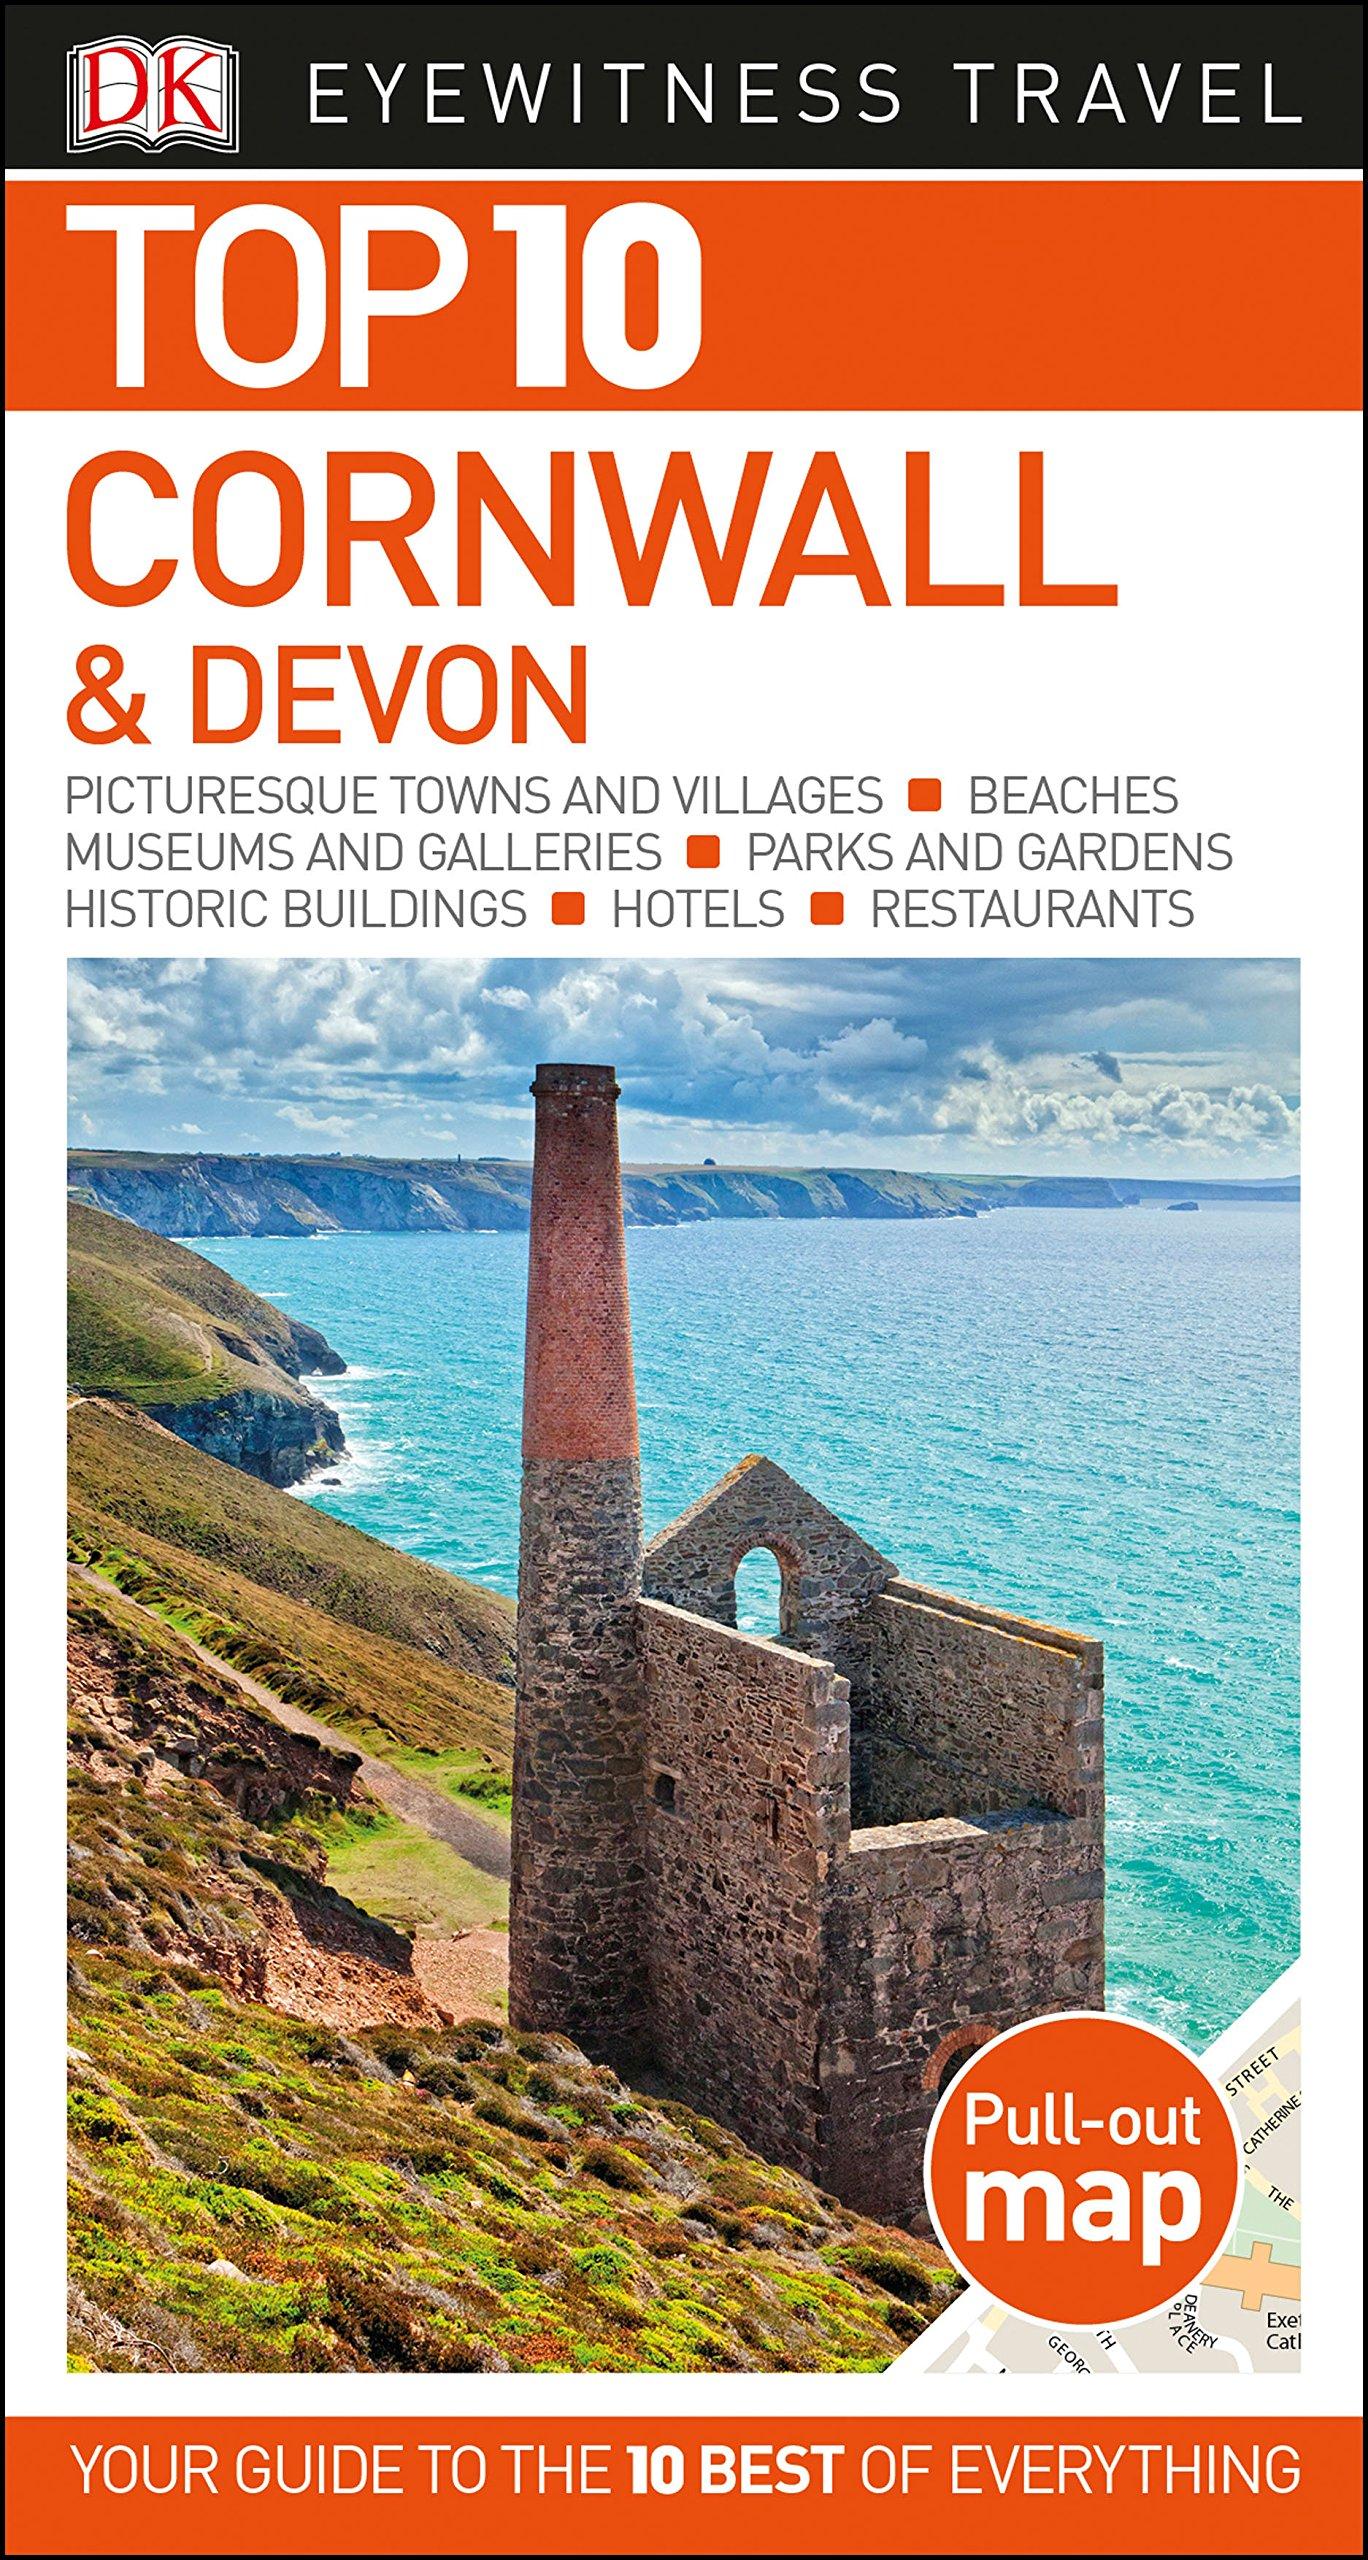 Top 10 Cornwall and Devon (DK Eyewitness Travel Guide) ebook